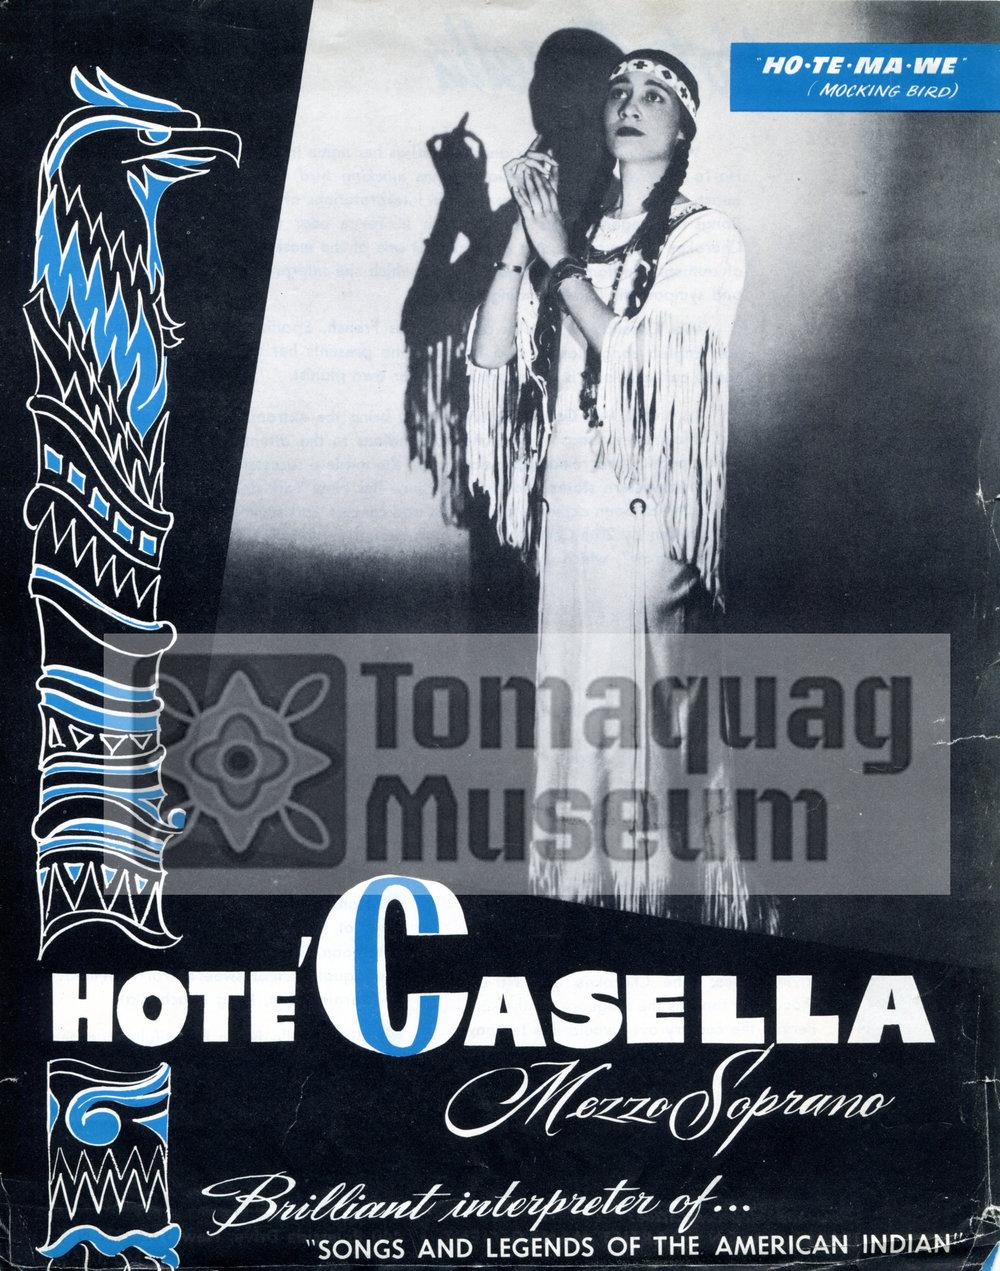 HoteCasella034 Watermark.jpg